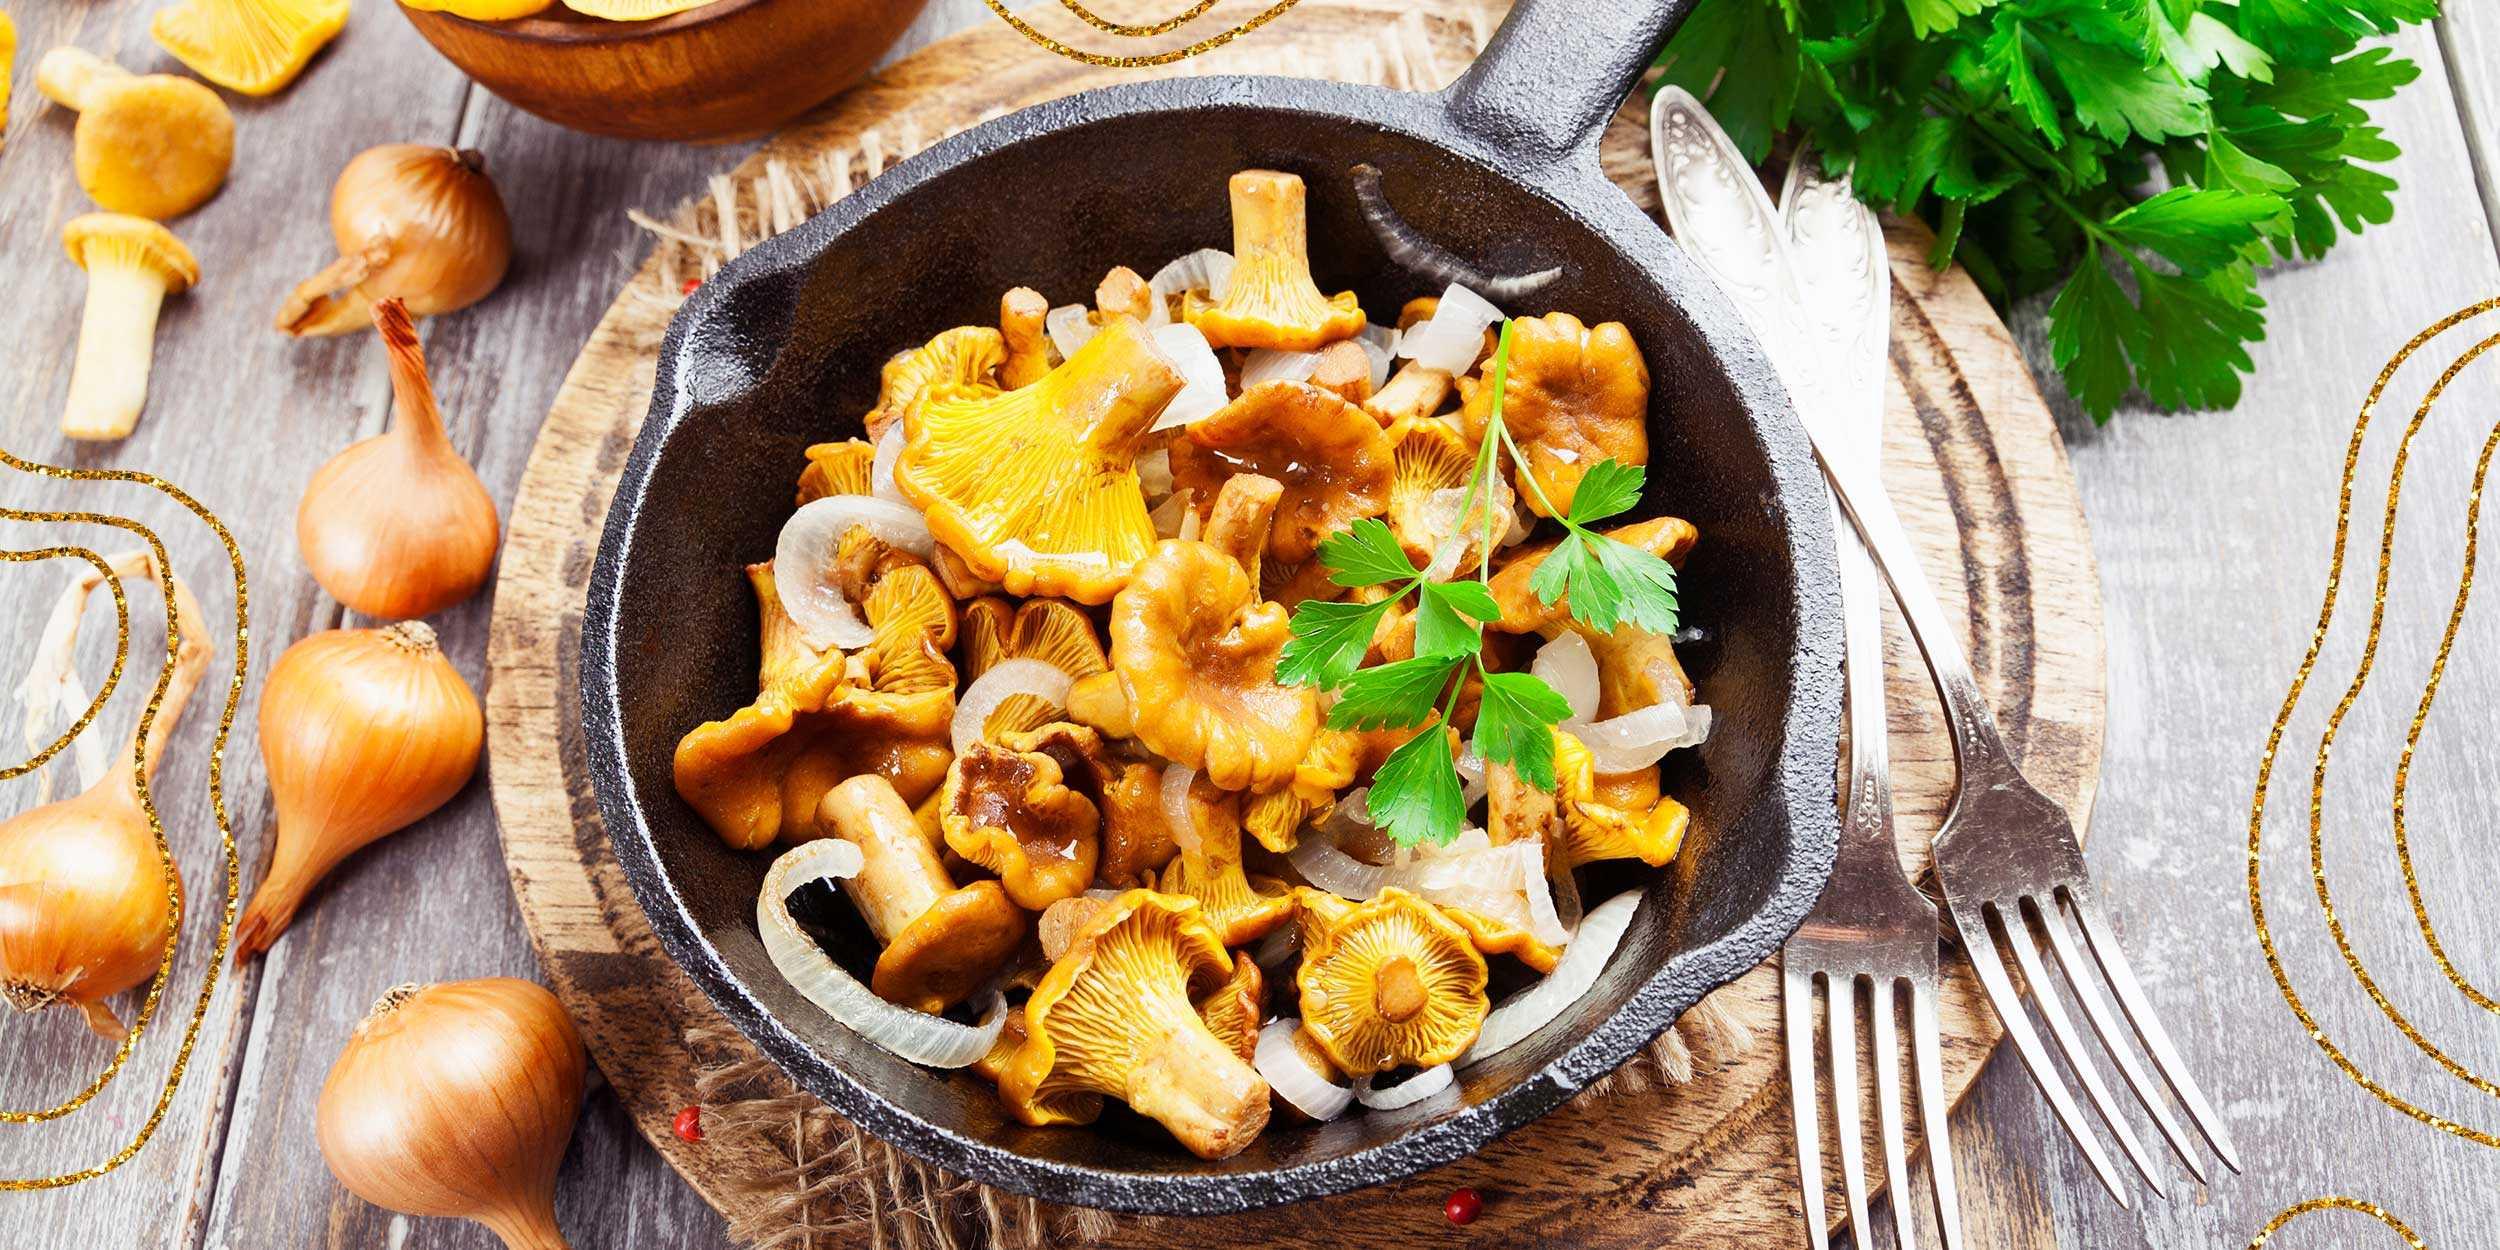 Грибы лисички жареные – как приготовить: лучшие рецепты. как пожарить лисички на сковороде с картошкой, луком, морковью, сметаной, сырые, замороженные, вареные, консервированные: рецепты, секреты приг